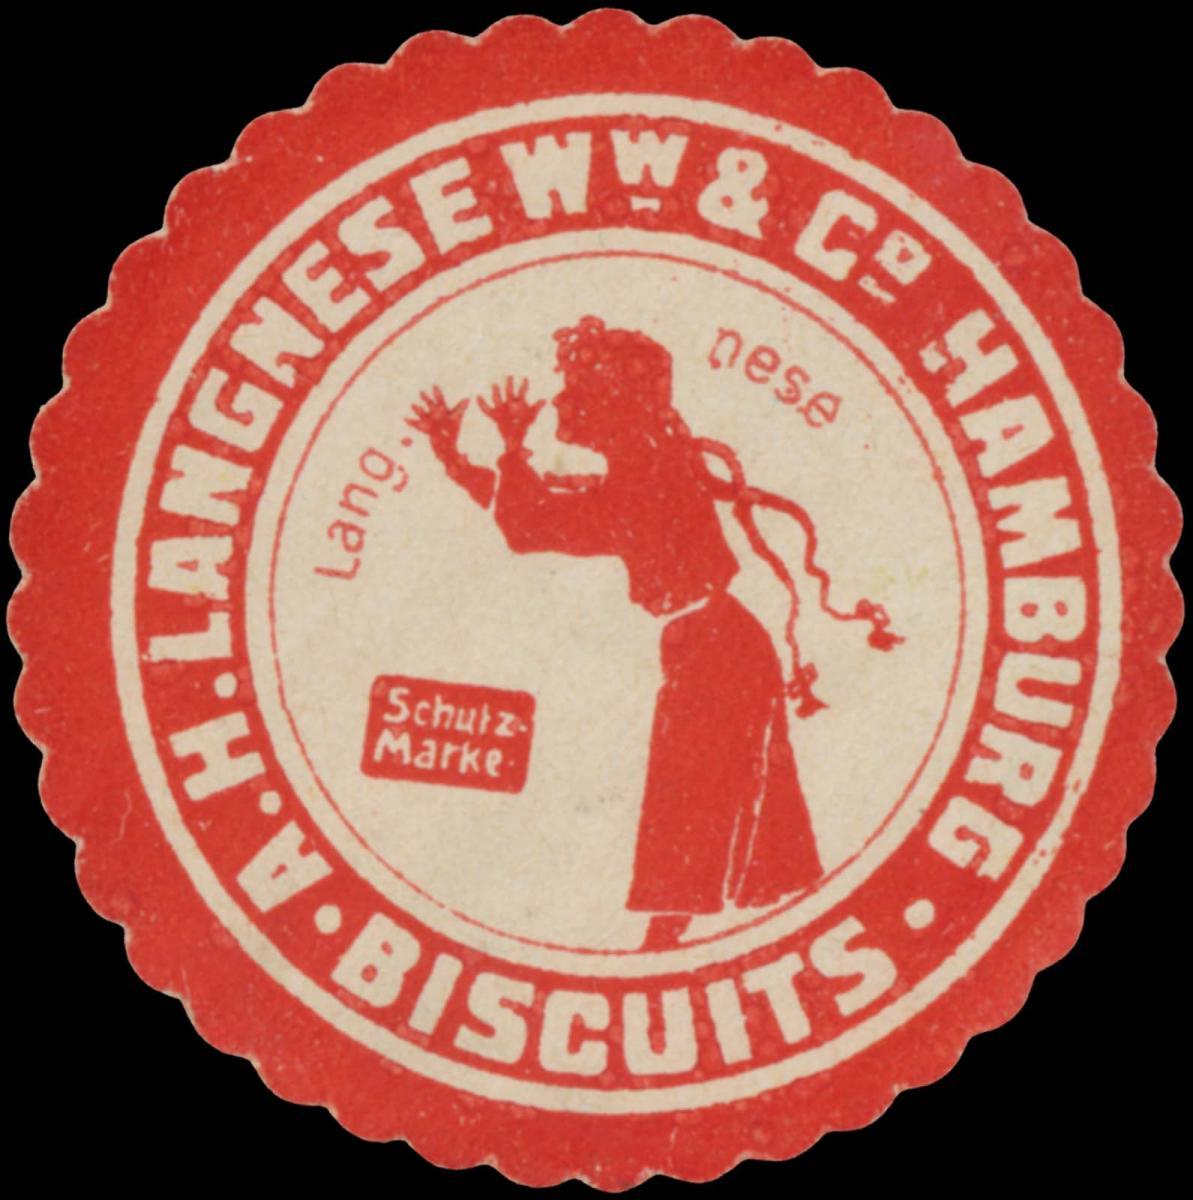 Langnese Biscuits